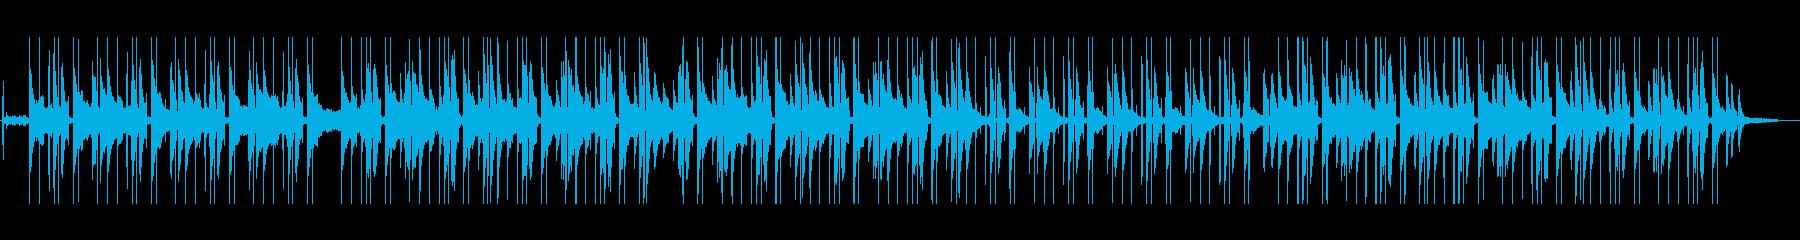 ピアノの温かいLo-Fi HipHopの再生済みの波形